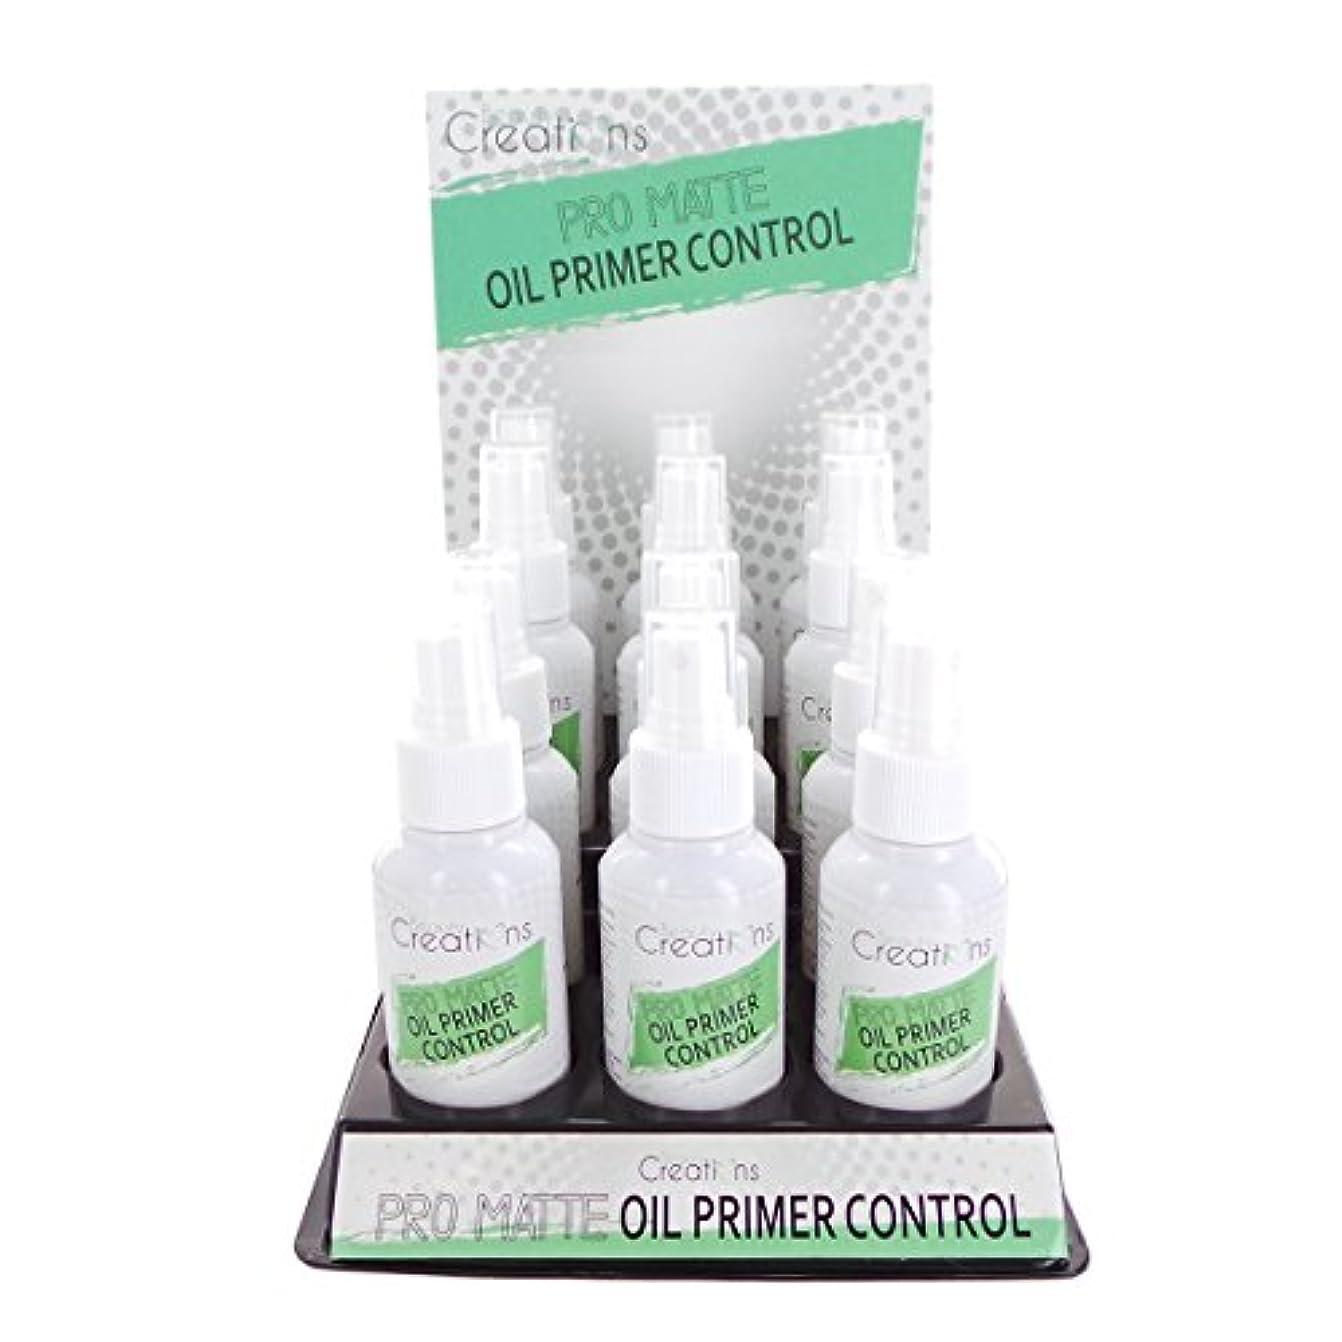 通り抜けるアクティビティ着替えるBEAUTY CREATIONS Pro Matte Oil Primer Control Spray Display Set, 12 Pieces (並行輸入品)